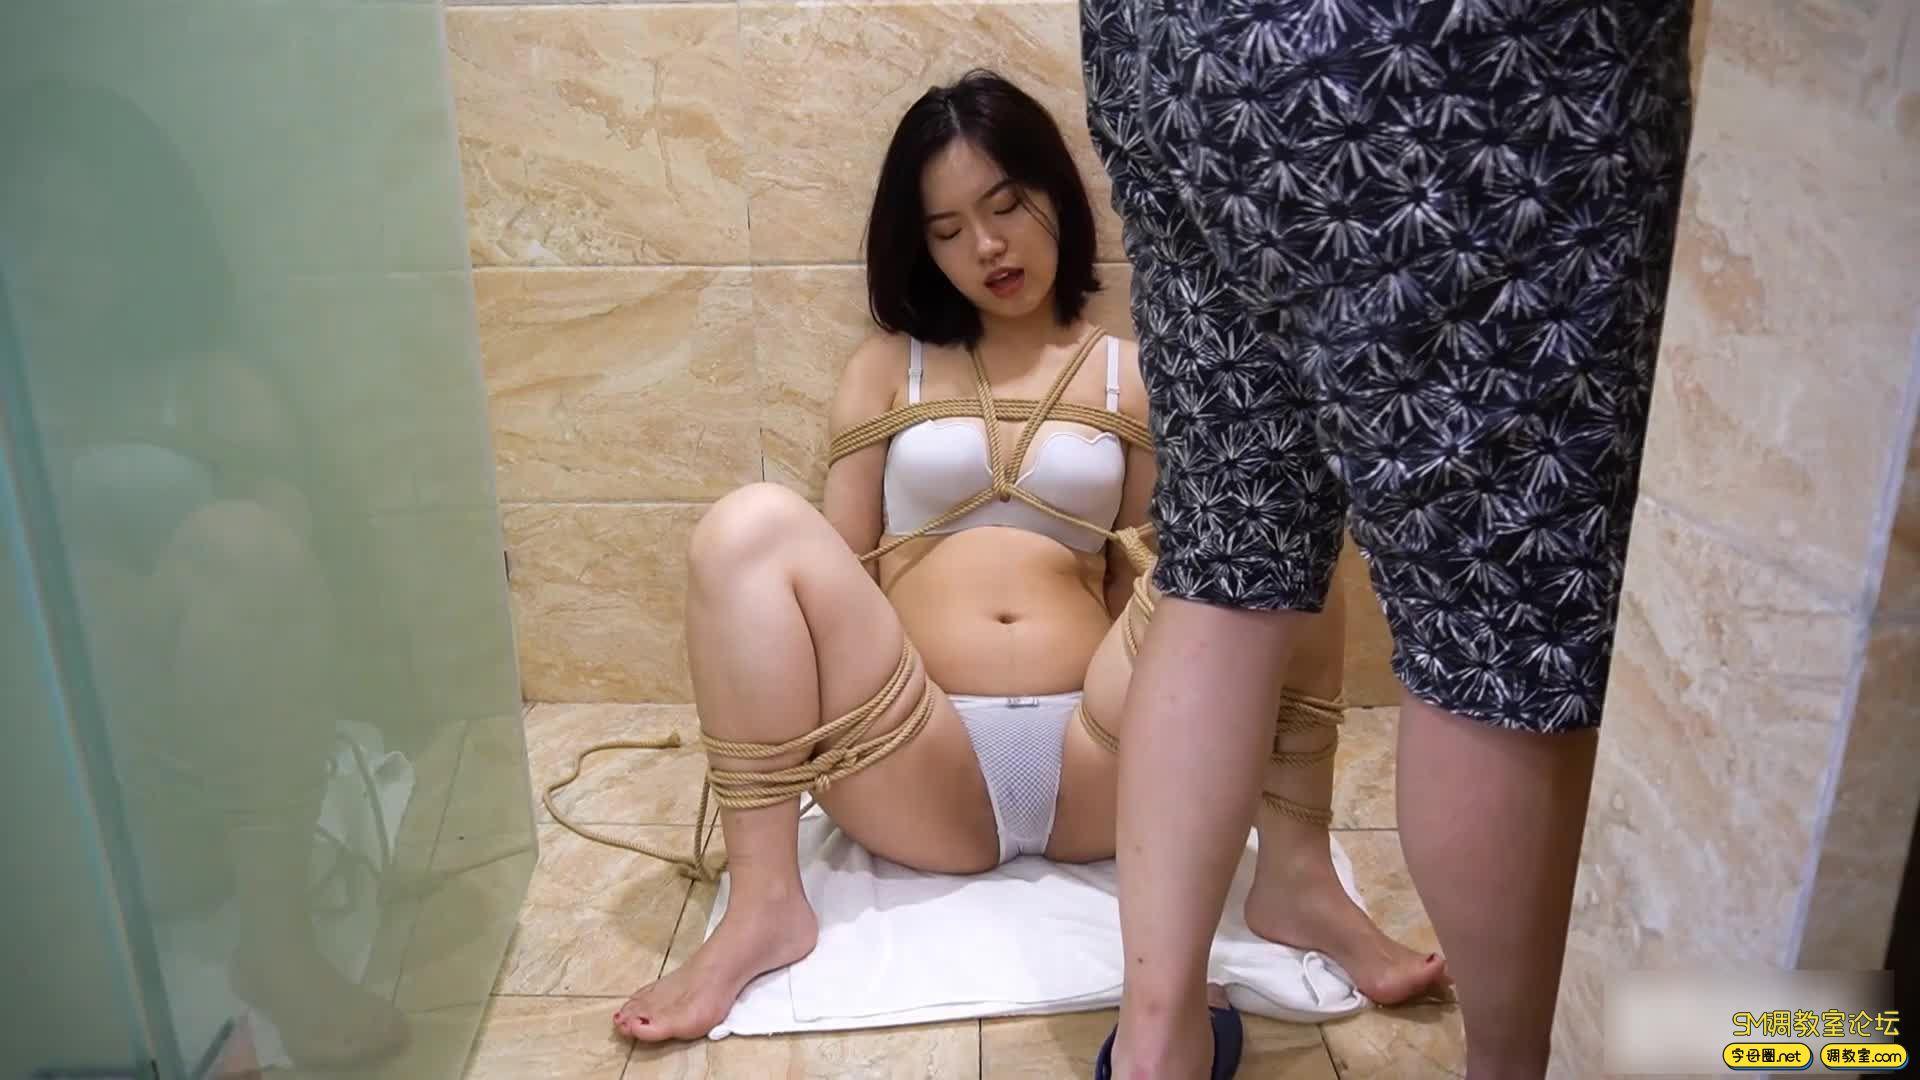 虐恋天使_【海语西游记】【终章】 捆绑洗澡-视频截图7